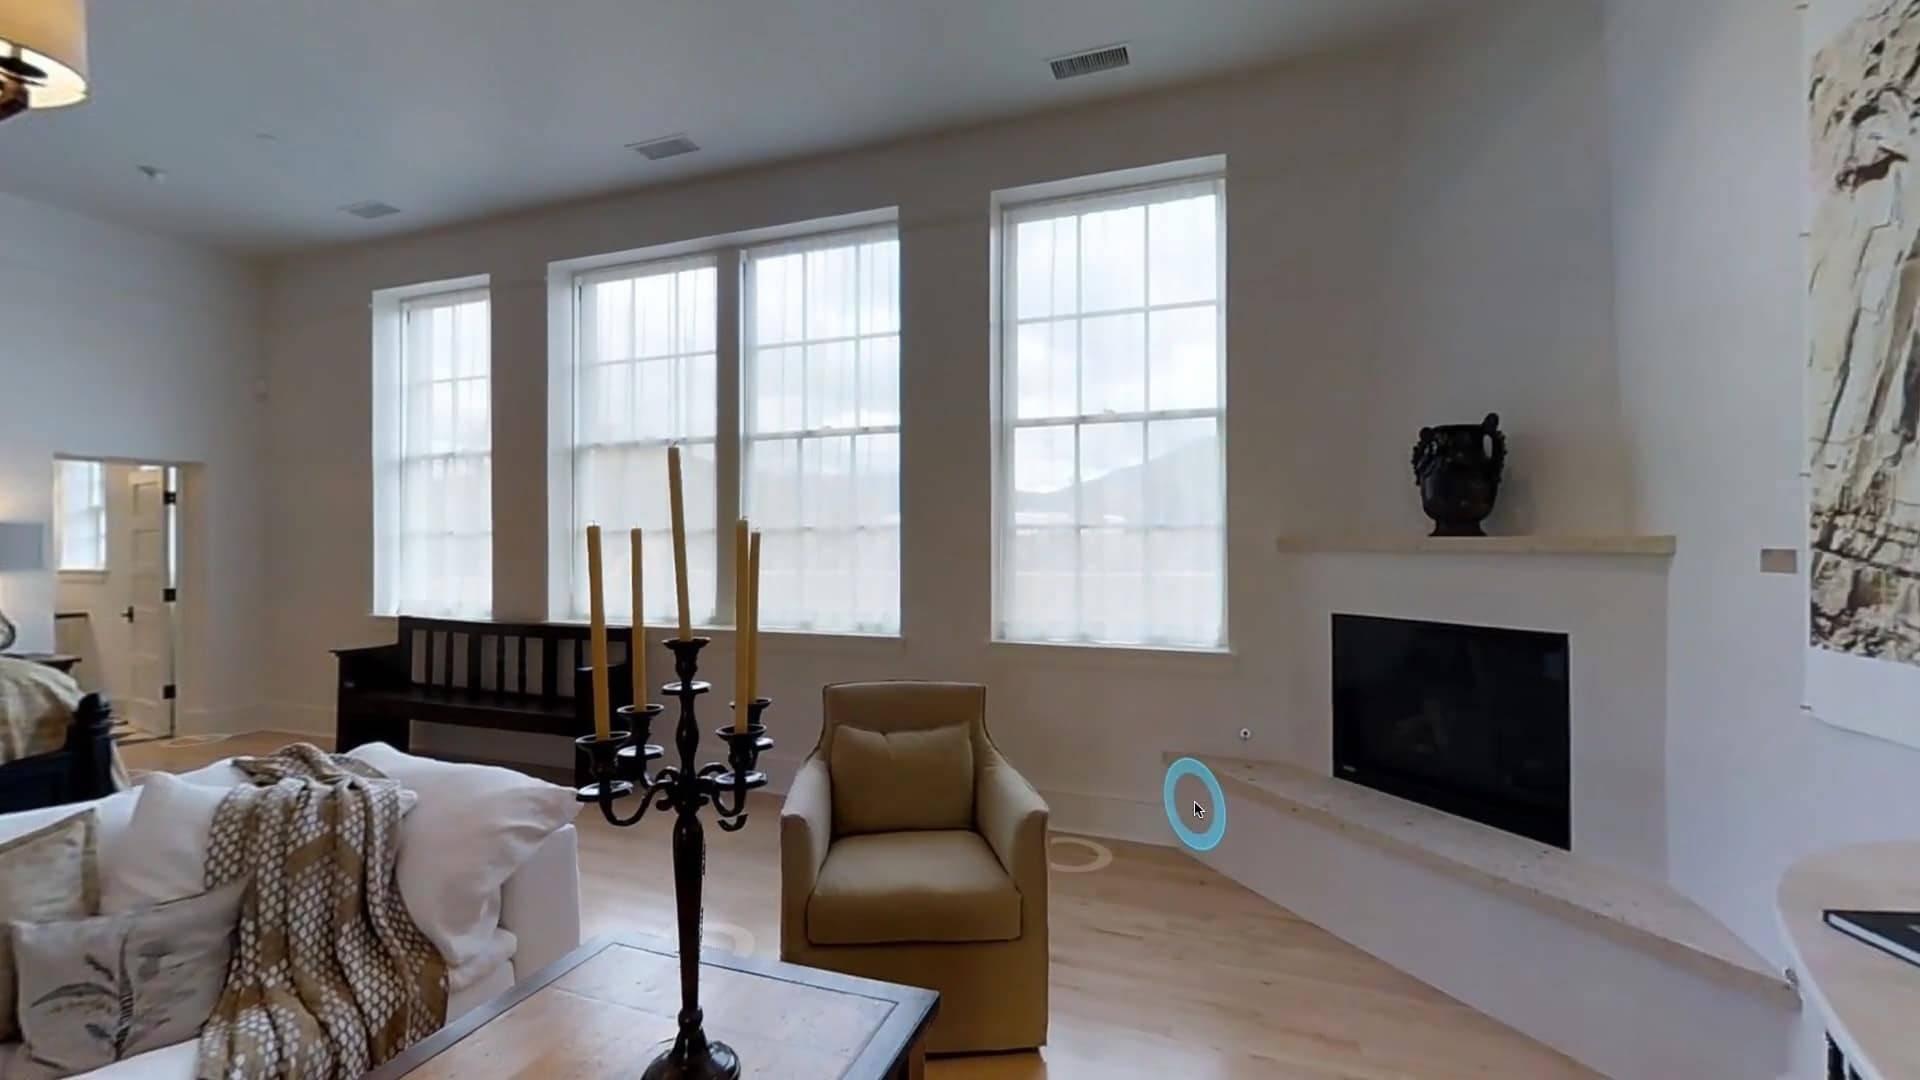 Virtuális valóság az ingatlanpiacon